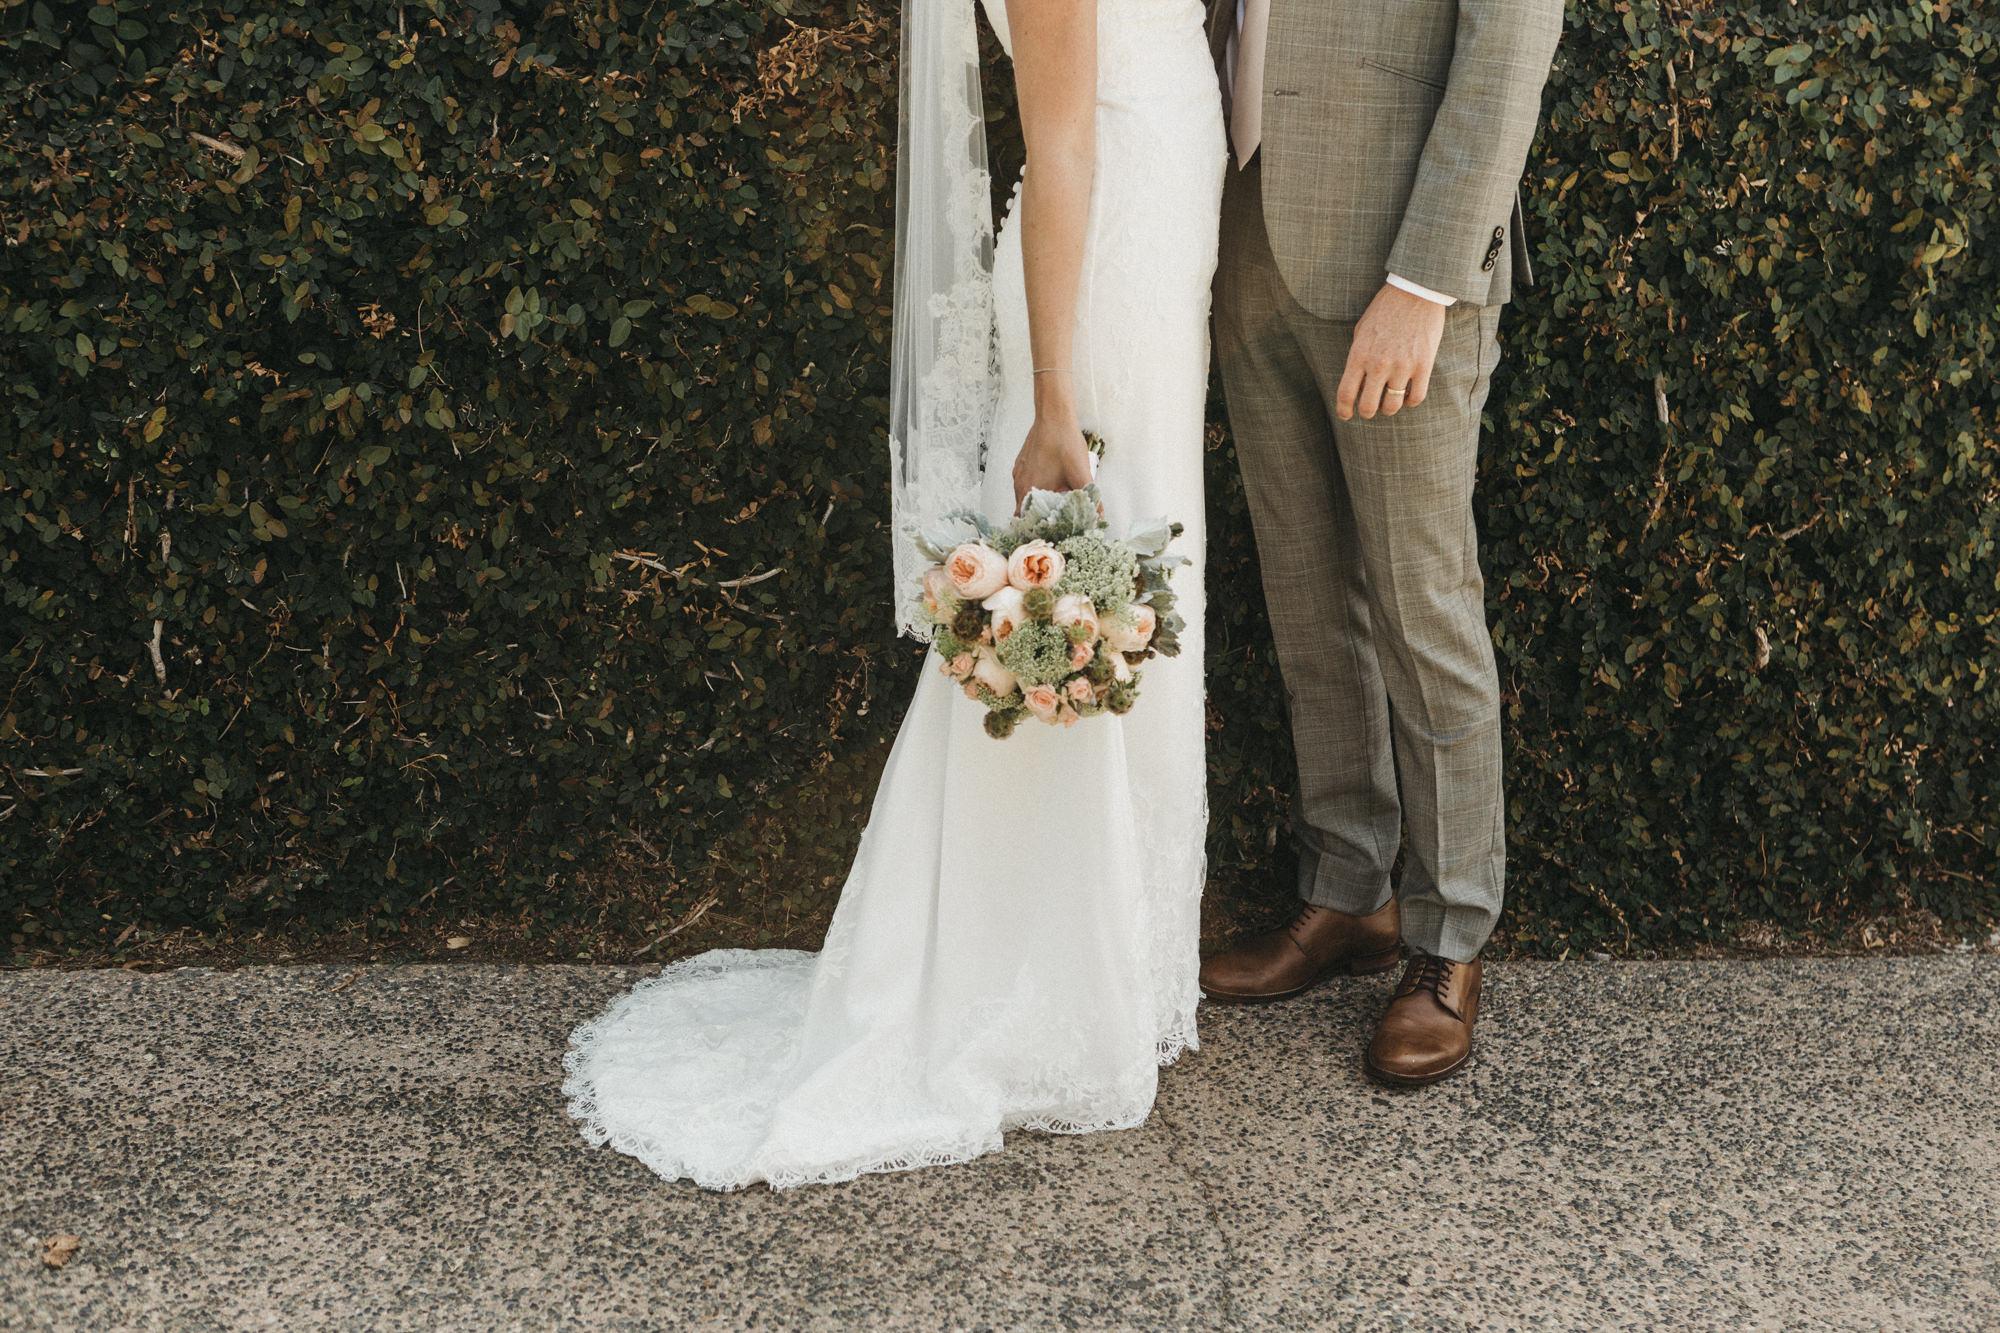 los_angeles_mormon_temple_wedding-7.jpg